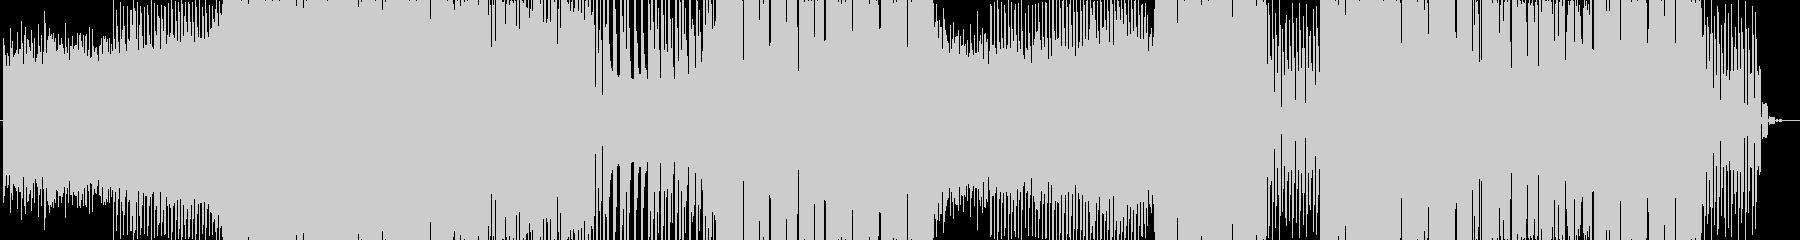 タランテラハウス。パーティーミュー...の未再生の波形